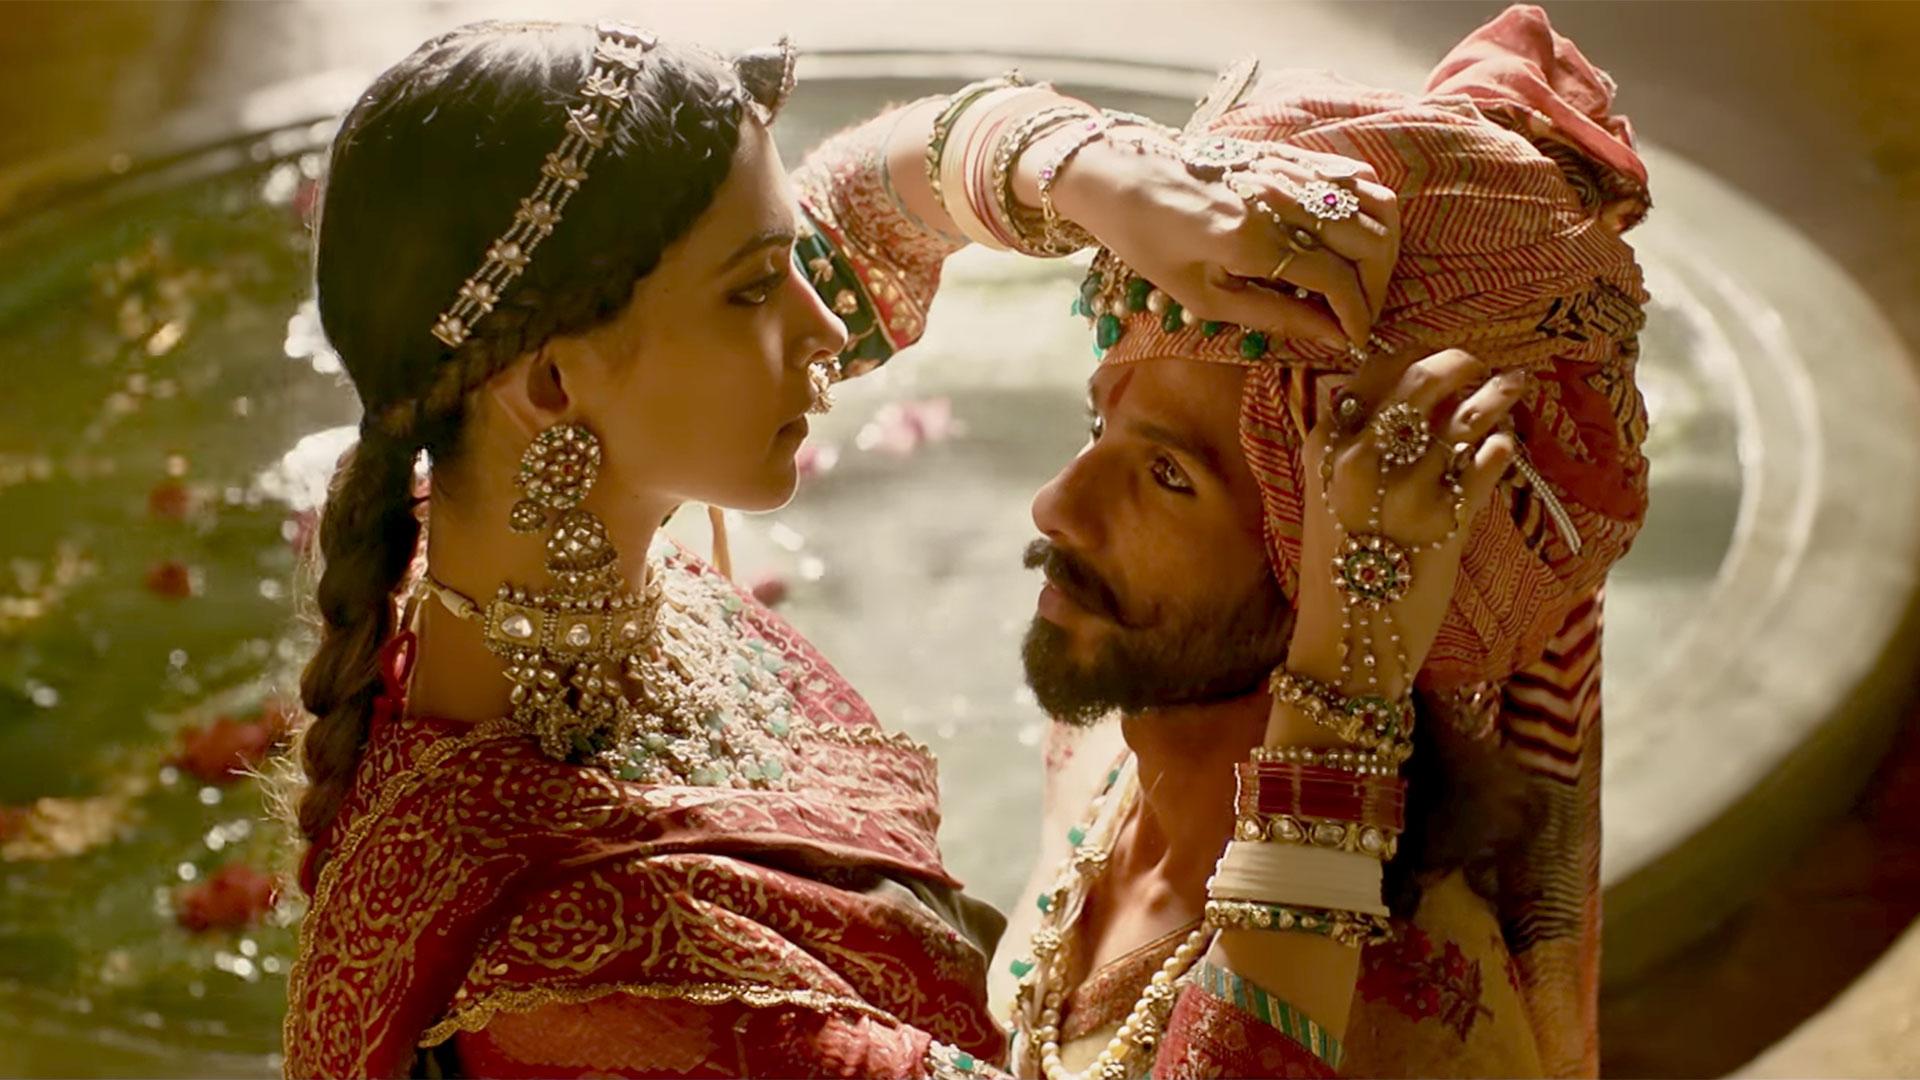 'পদ্মাৱত' ছবিৰ অভিনেতা ছাহিদ কাপুৰৰ প্ৰতিমূৰ্ত্তি স্থাপিত হ'ব মেডাম তুচেদত